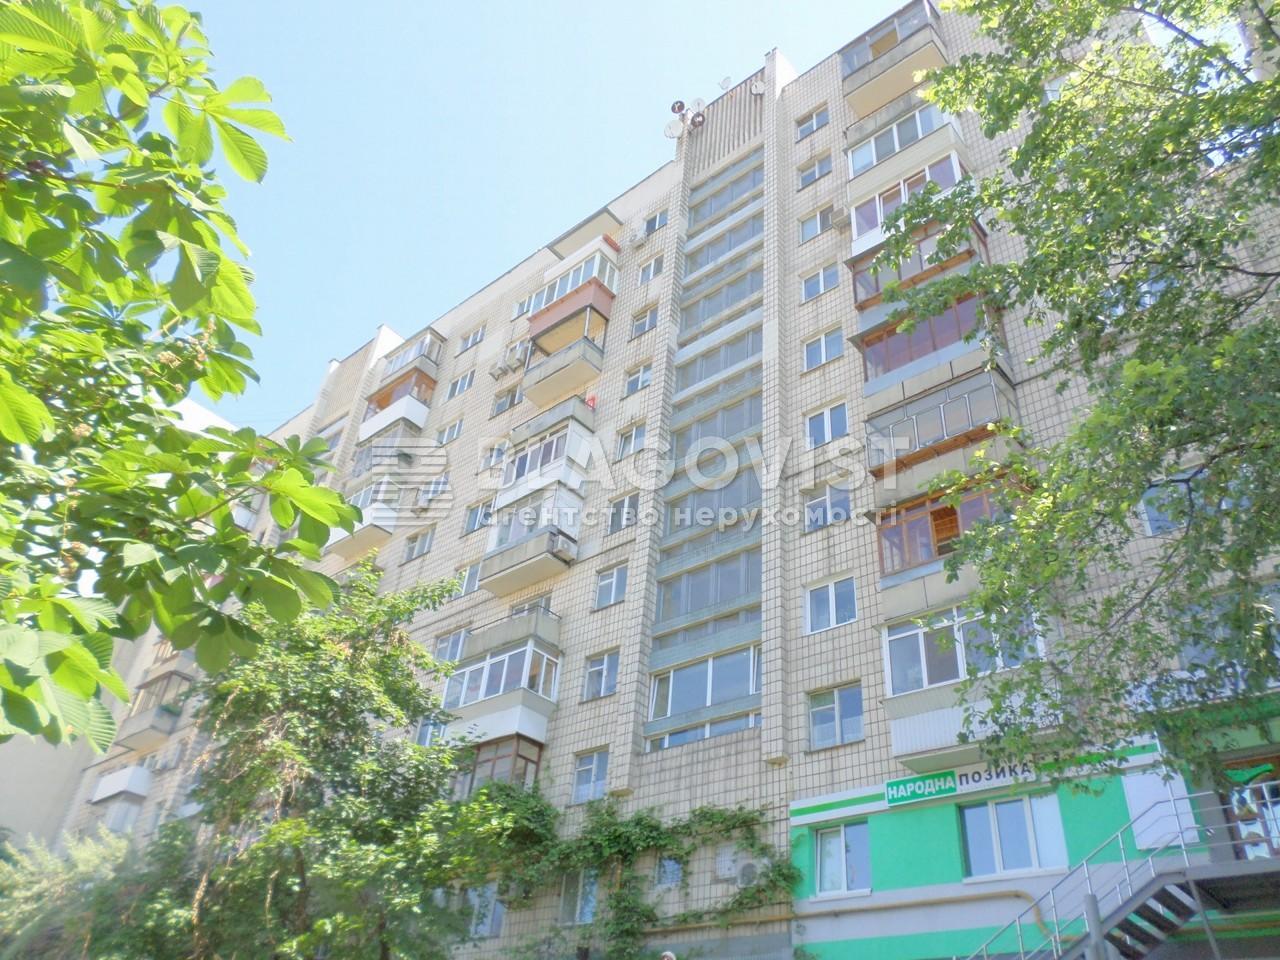 Квартира M-39563, Мечникова, 18, Киев - Фото 2